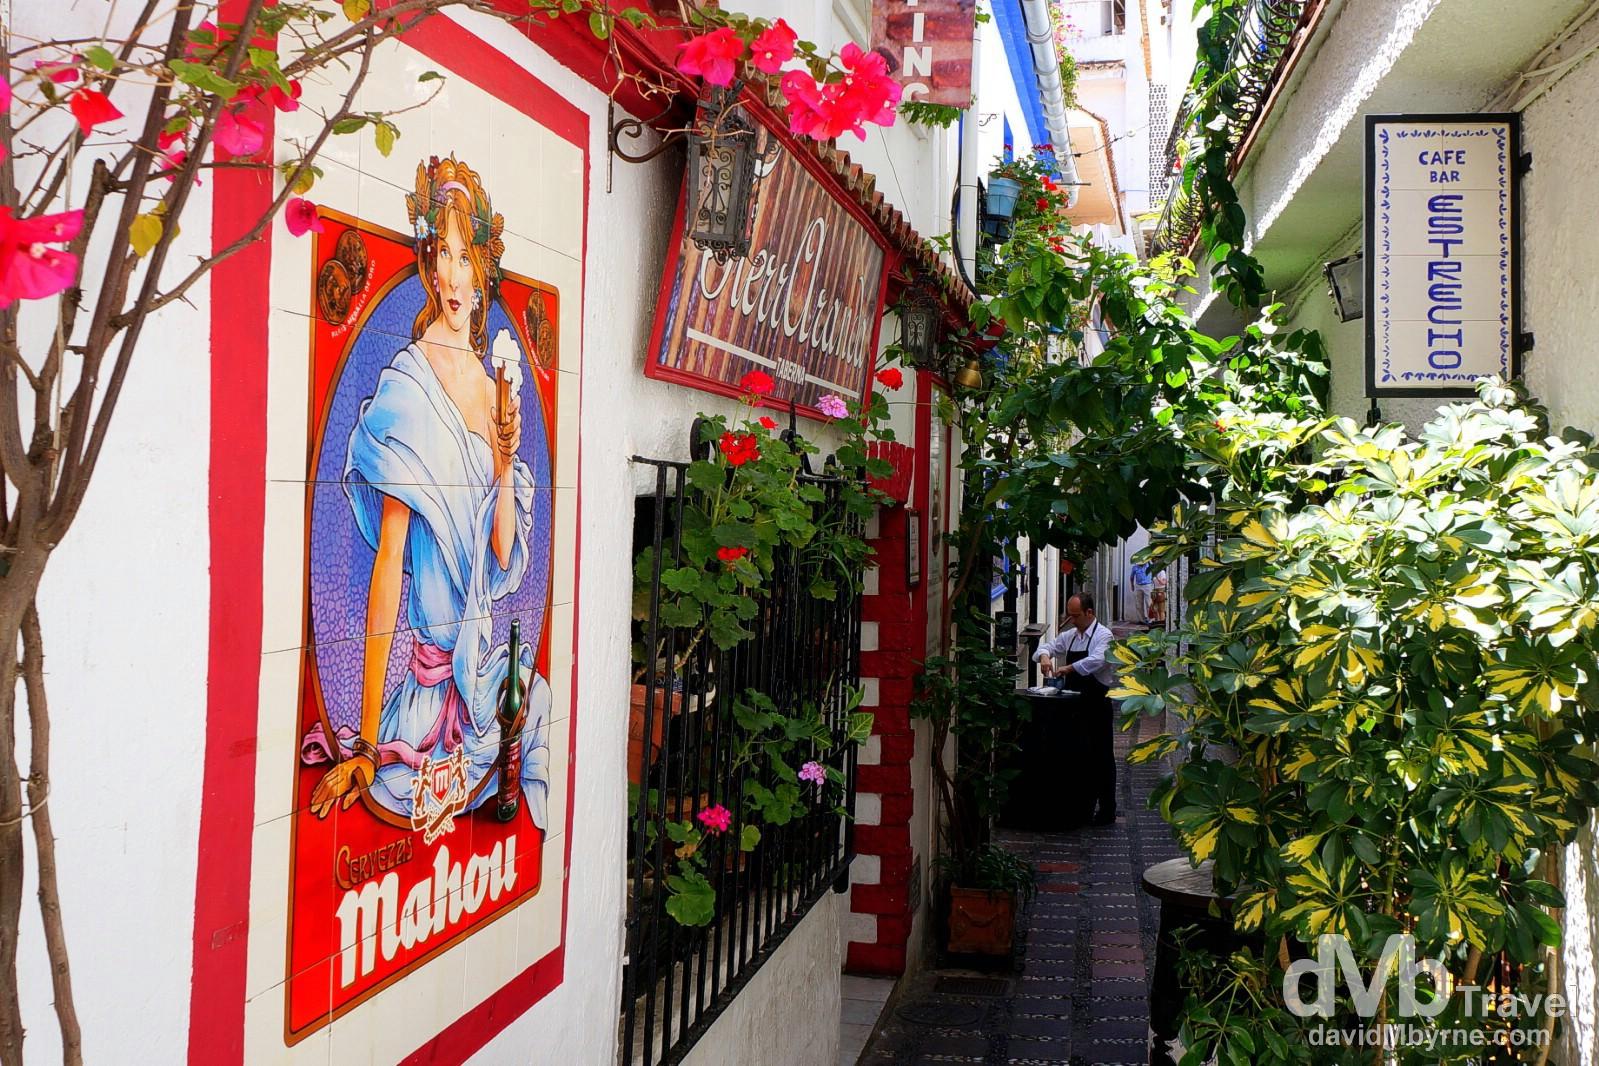 Calle Pantaleon, Marbella, Andalusia, Spain. June 7th, 2014.